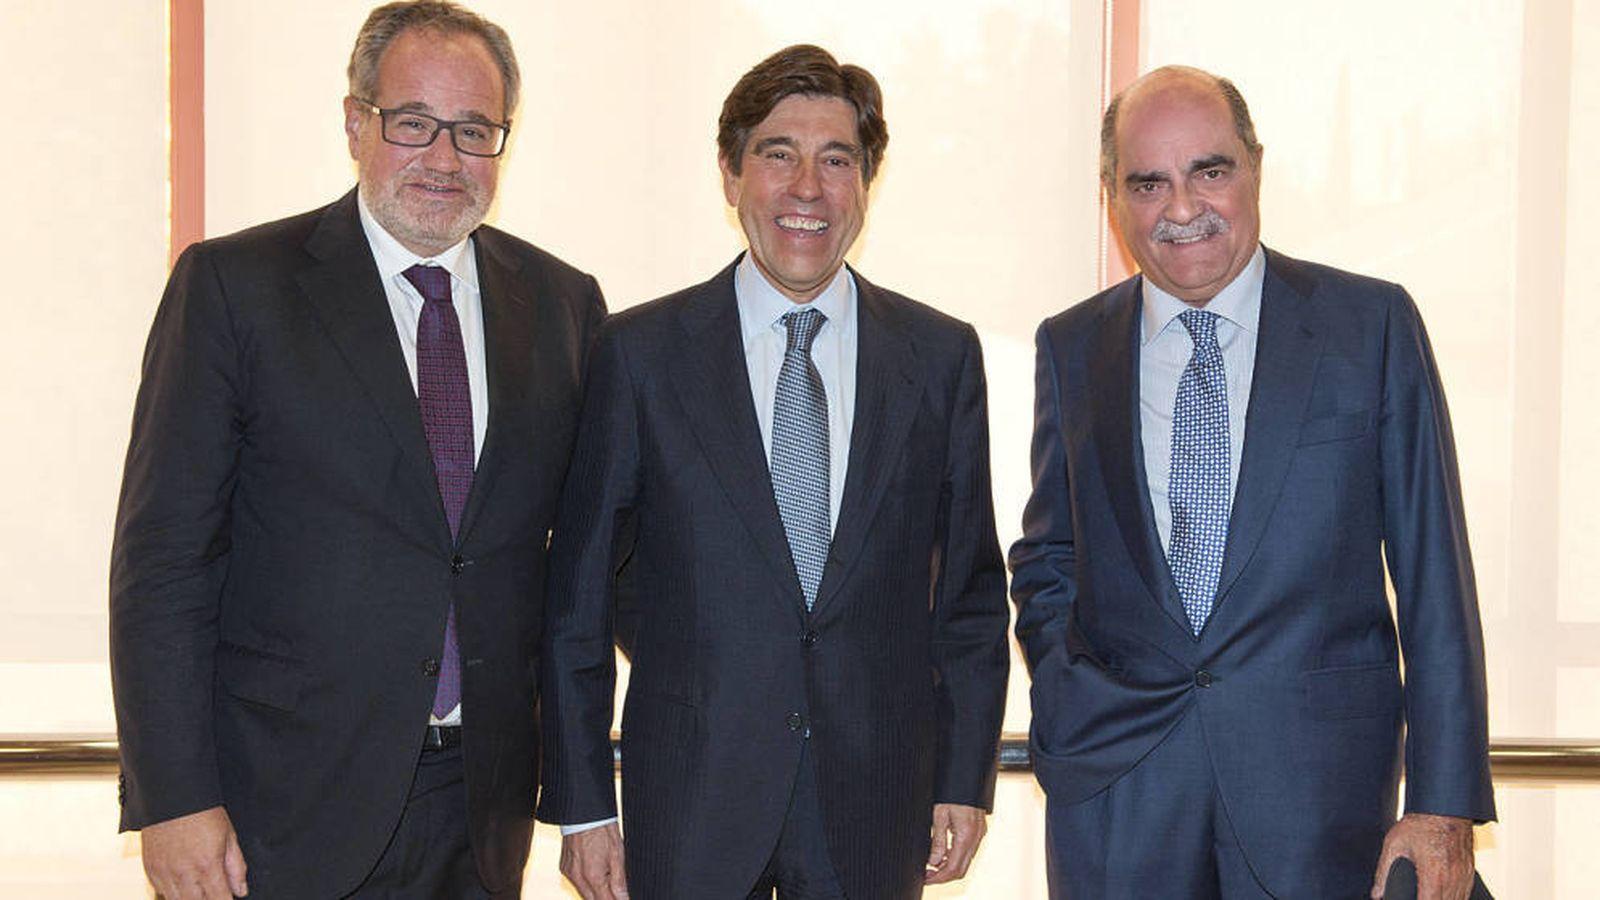 Foto: Demetrio Carceller, Manuel Manrique y José Moreno Carretero.